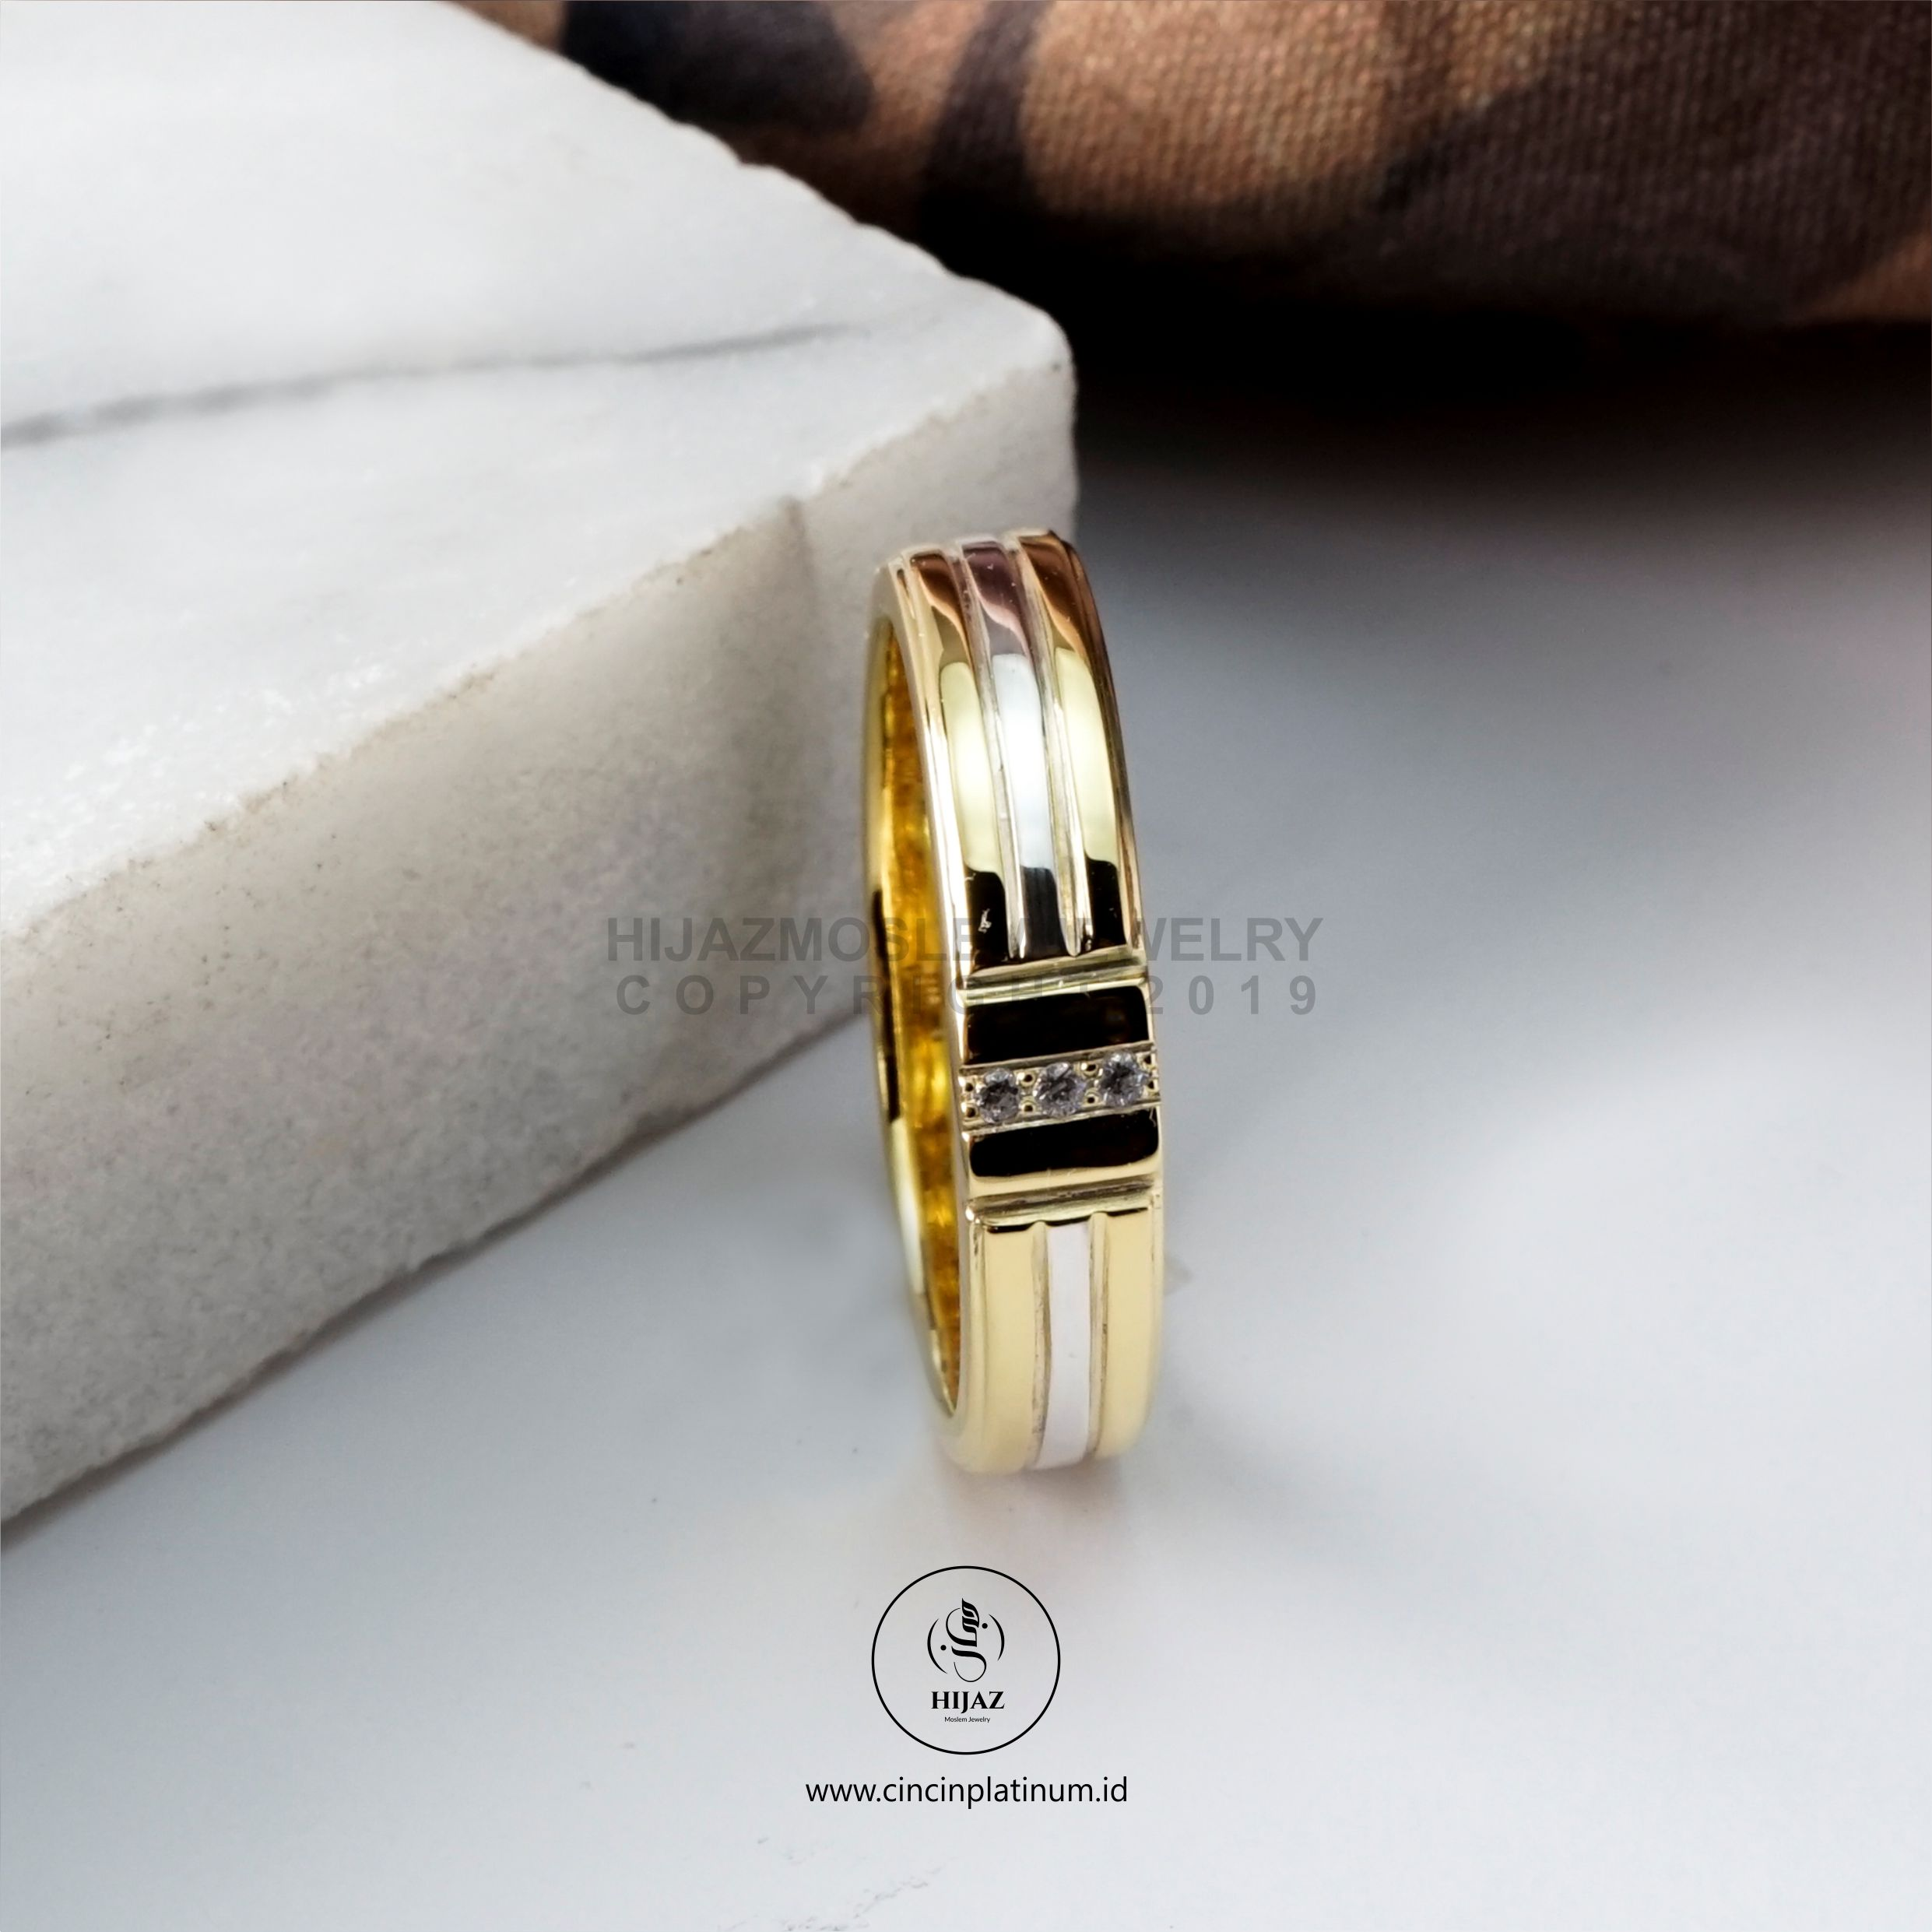 Cincin Kawin Tunangan Emas Kuning Simpel YG0147